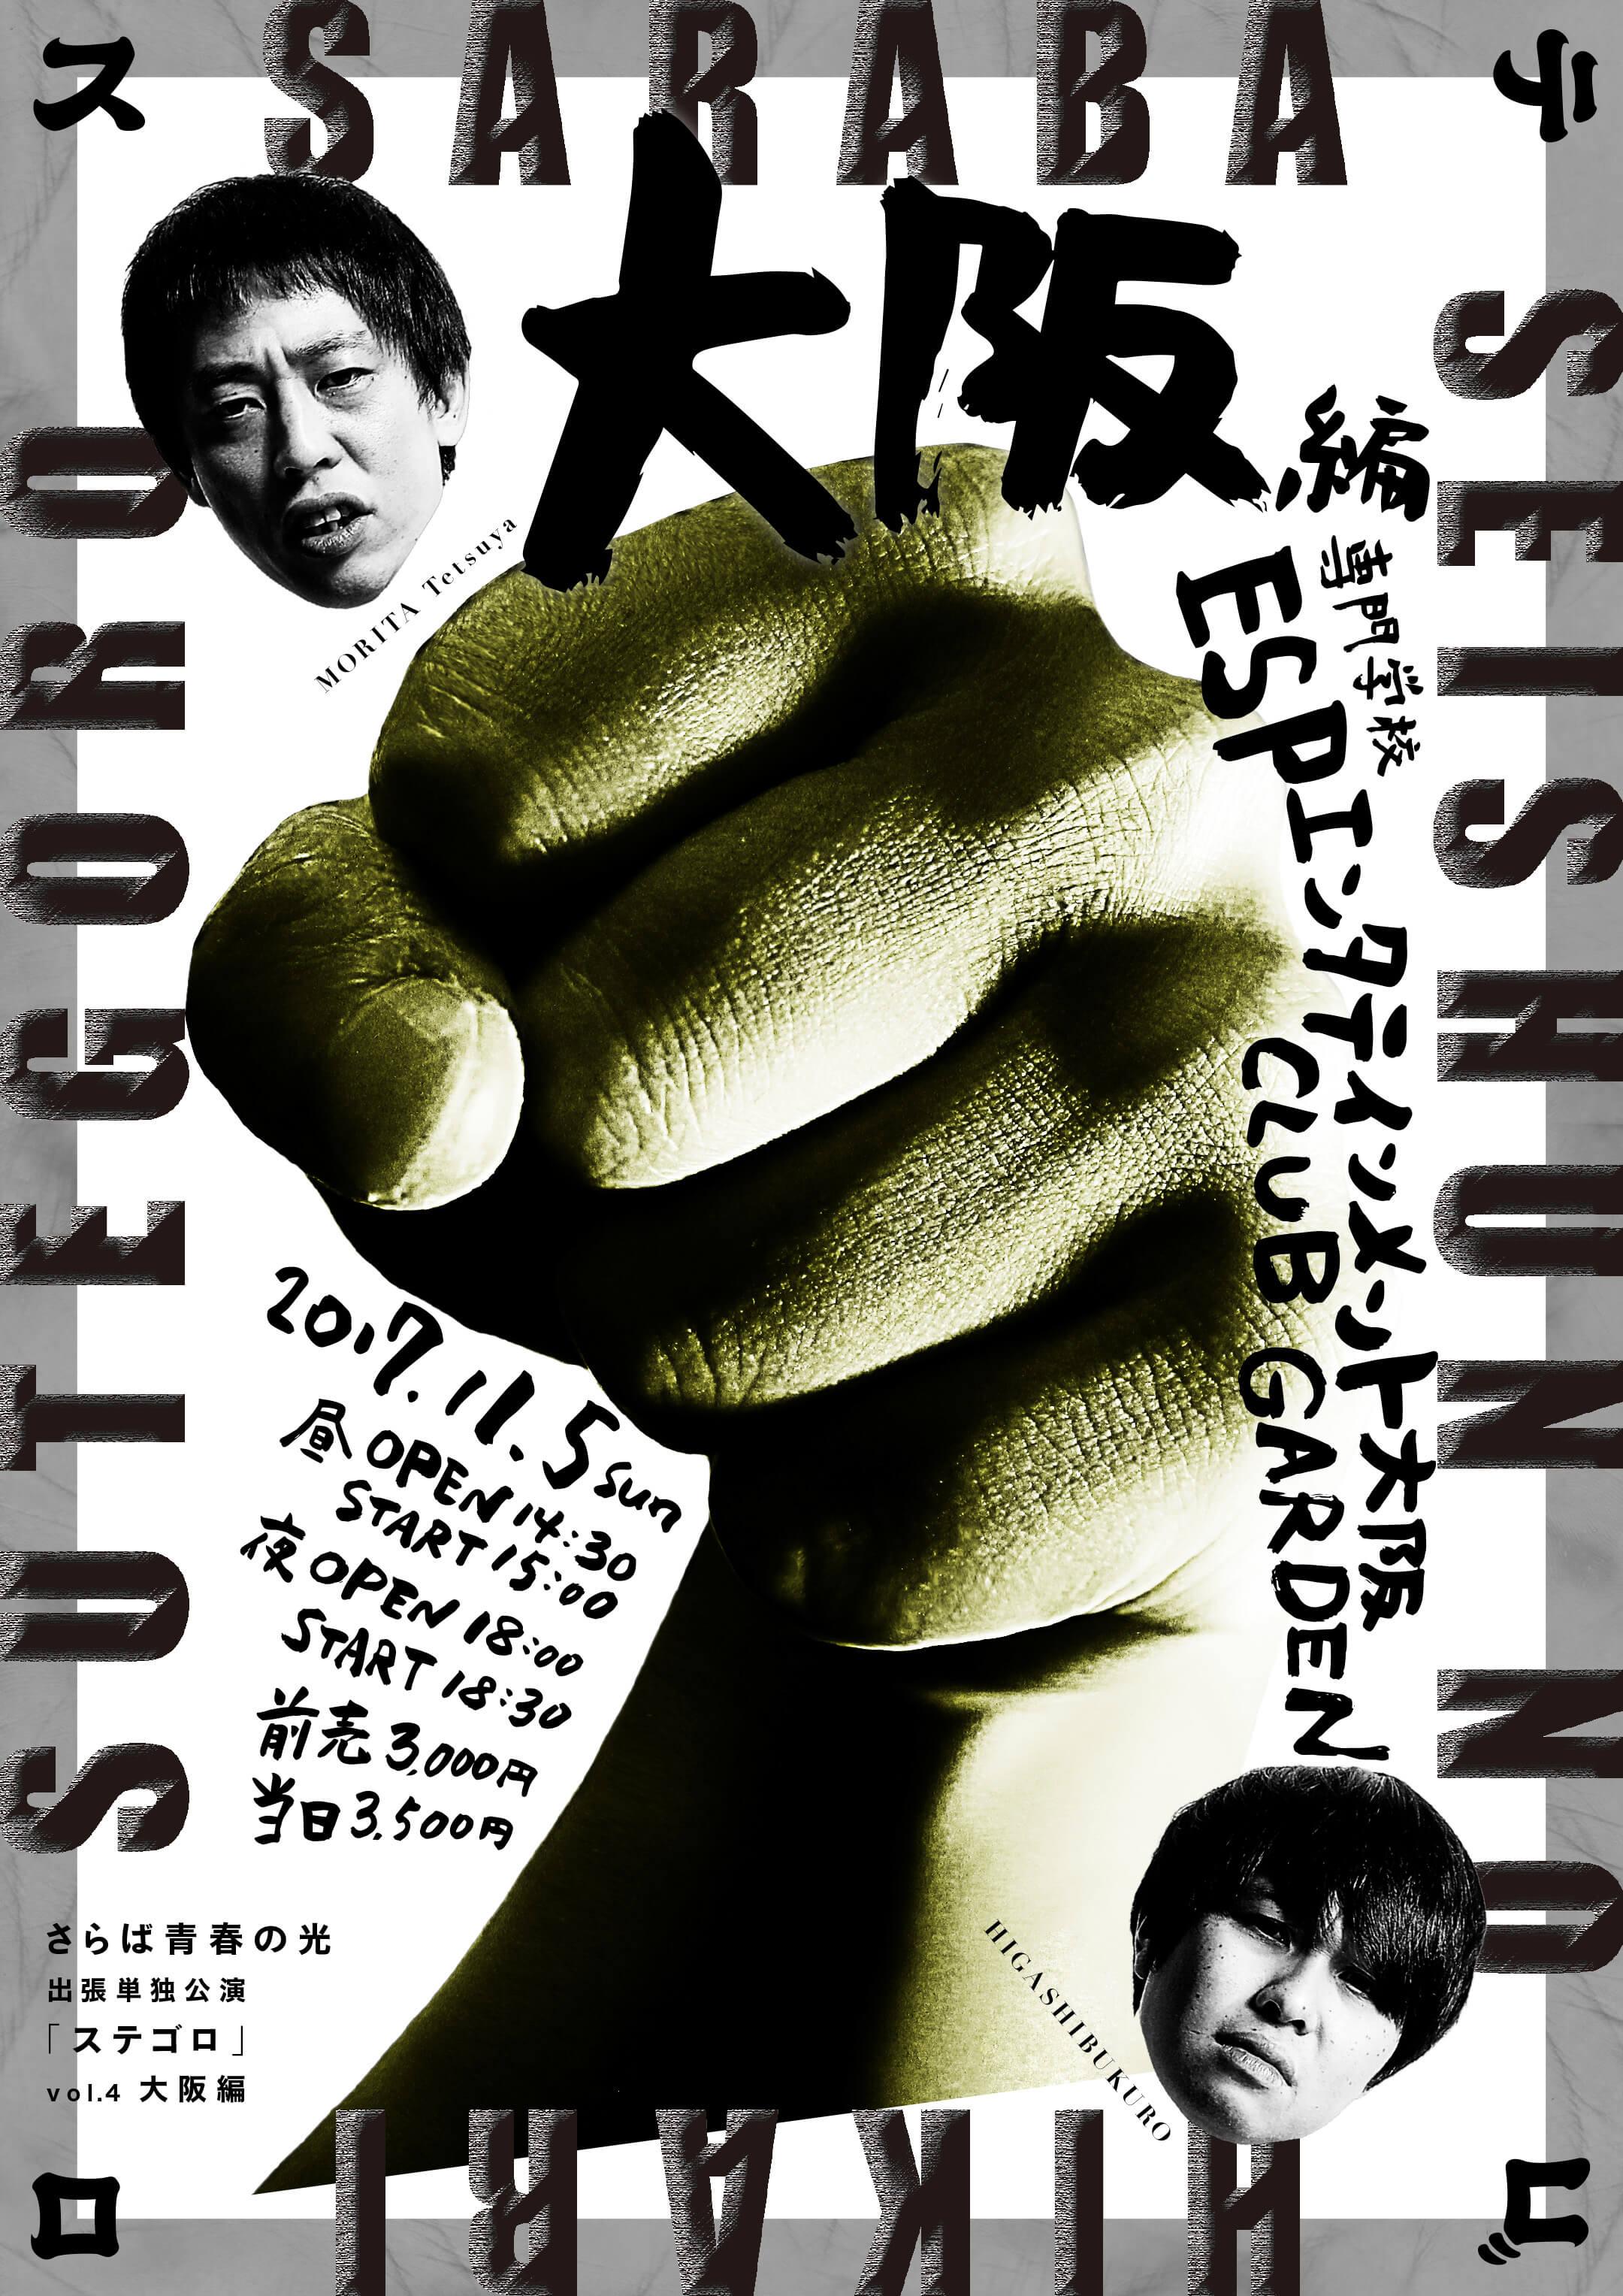 さらば青春の光 出張単独公演「ステゴロ」 大阪編